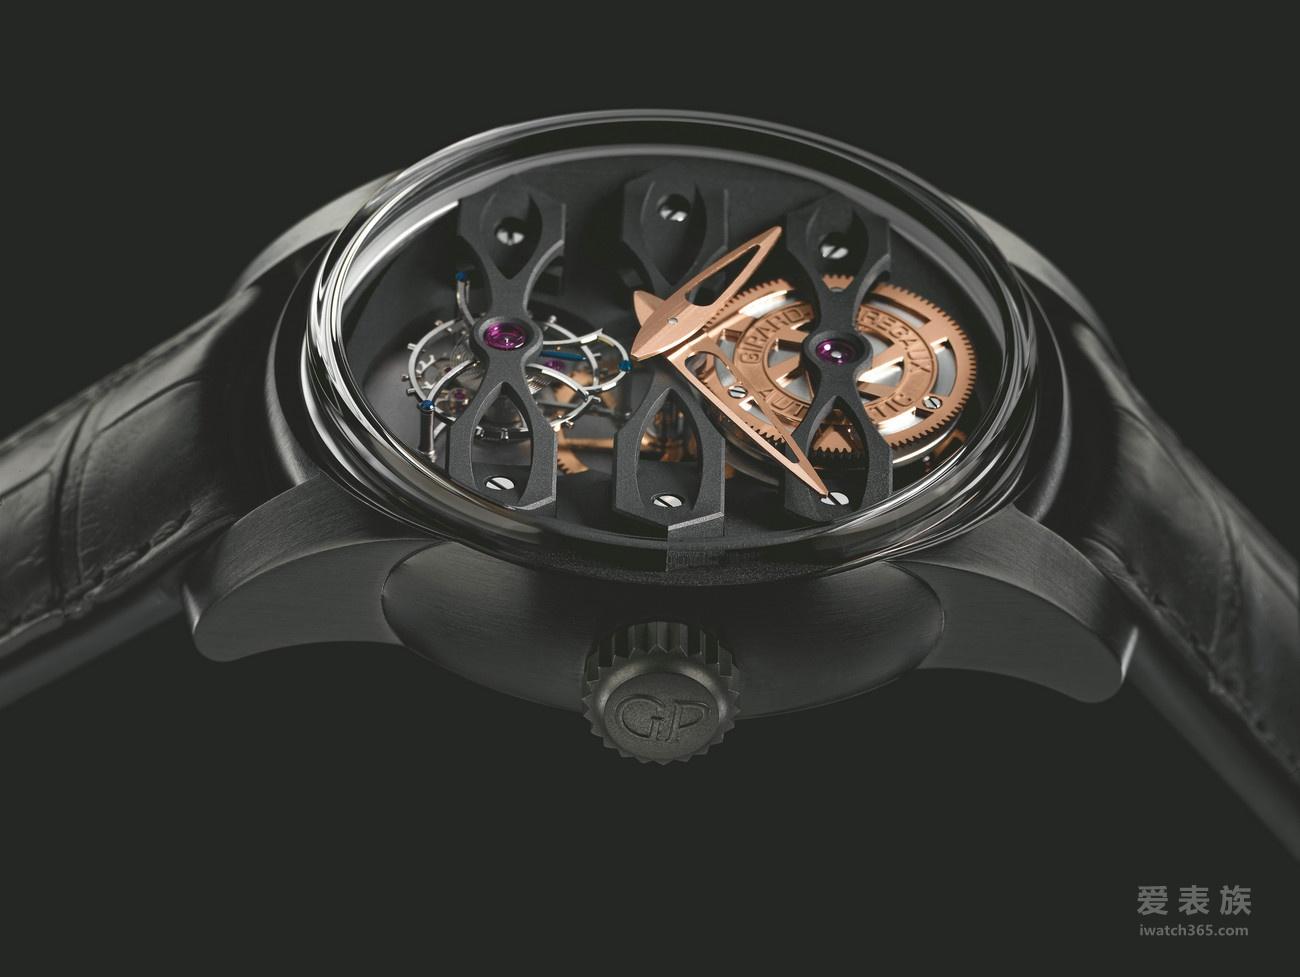 芝柏高级复杂系列腕表99270-21-0000-ba6a手表